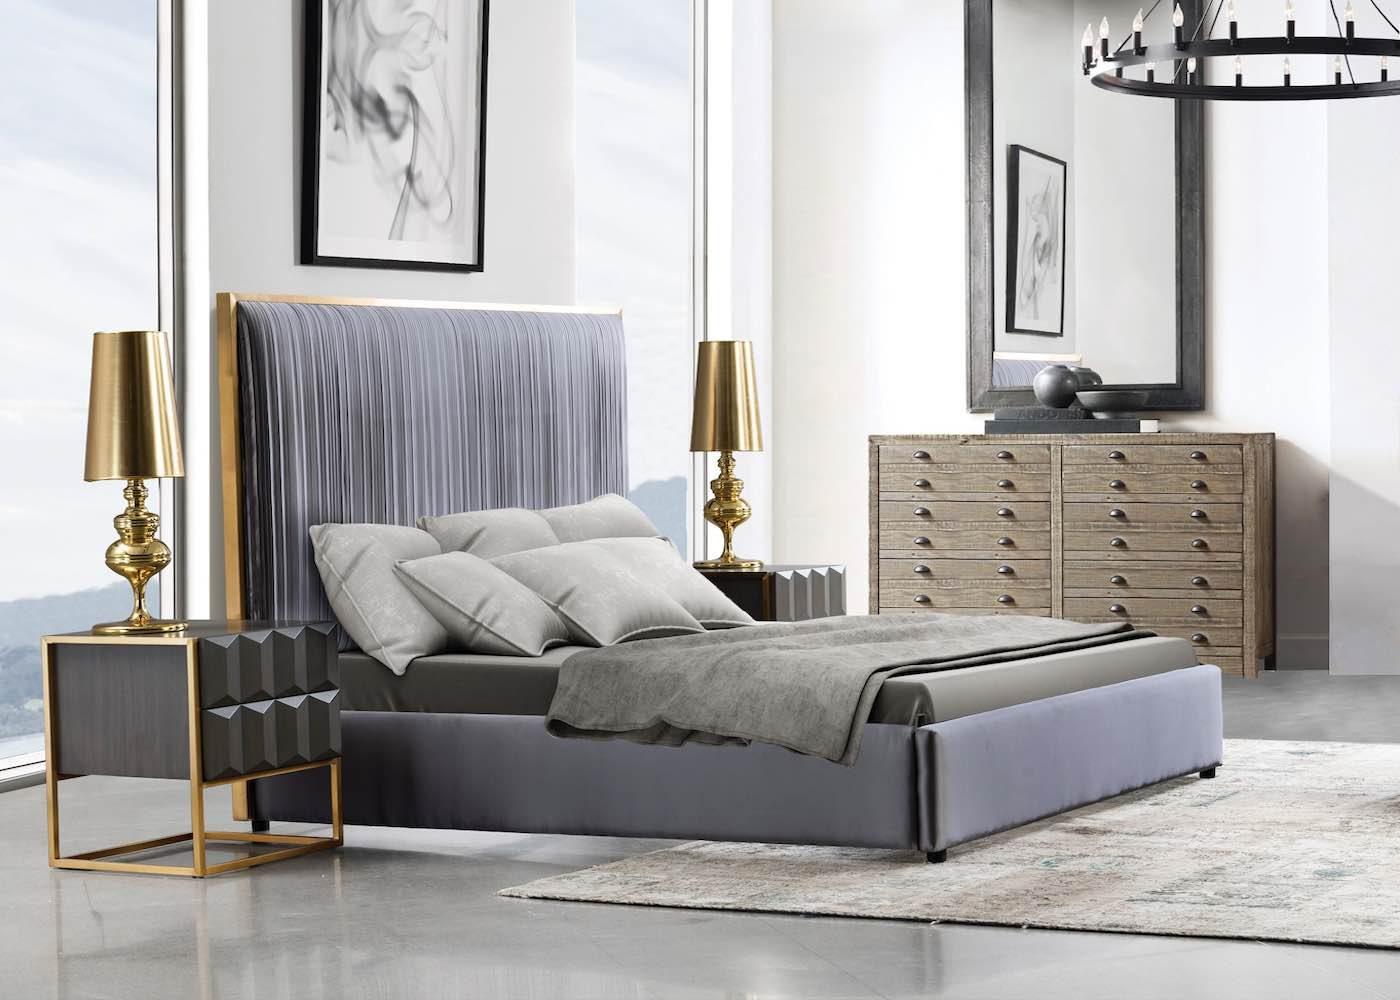 mazarin-ameublement-catalogue-produits-chambre-a-coucher-1